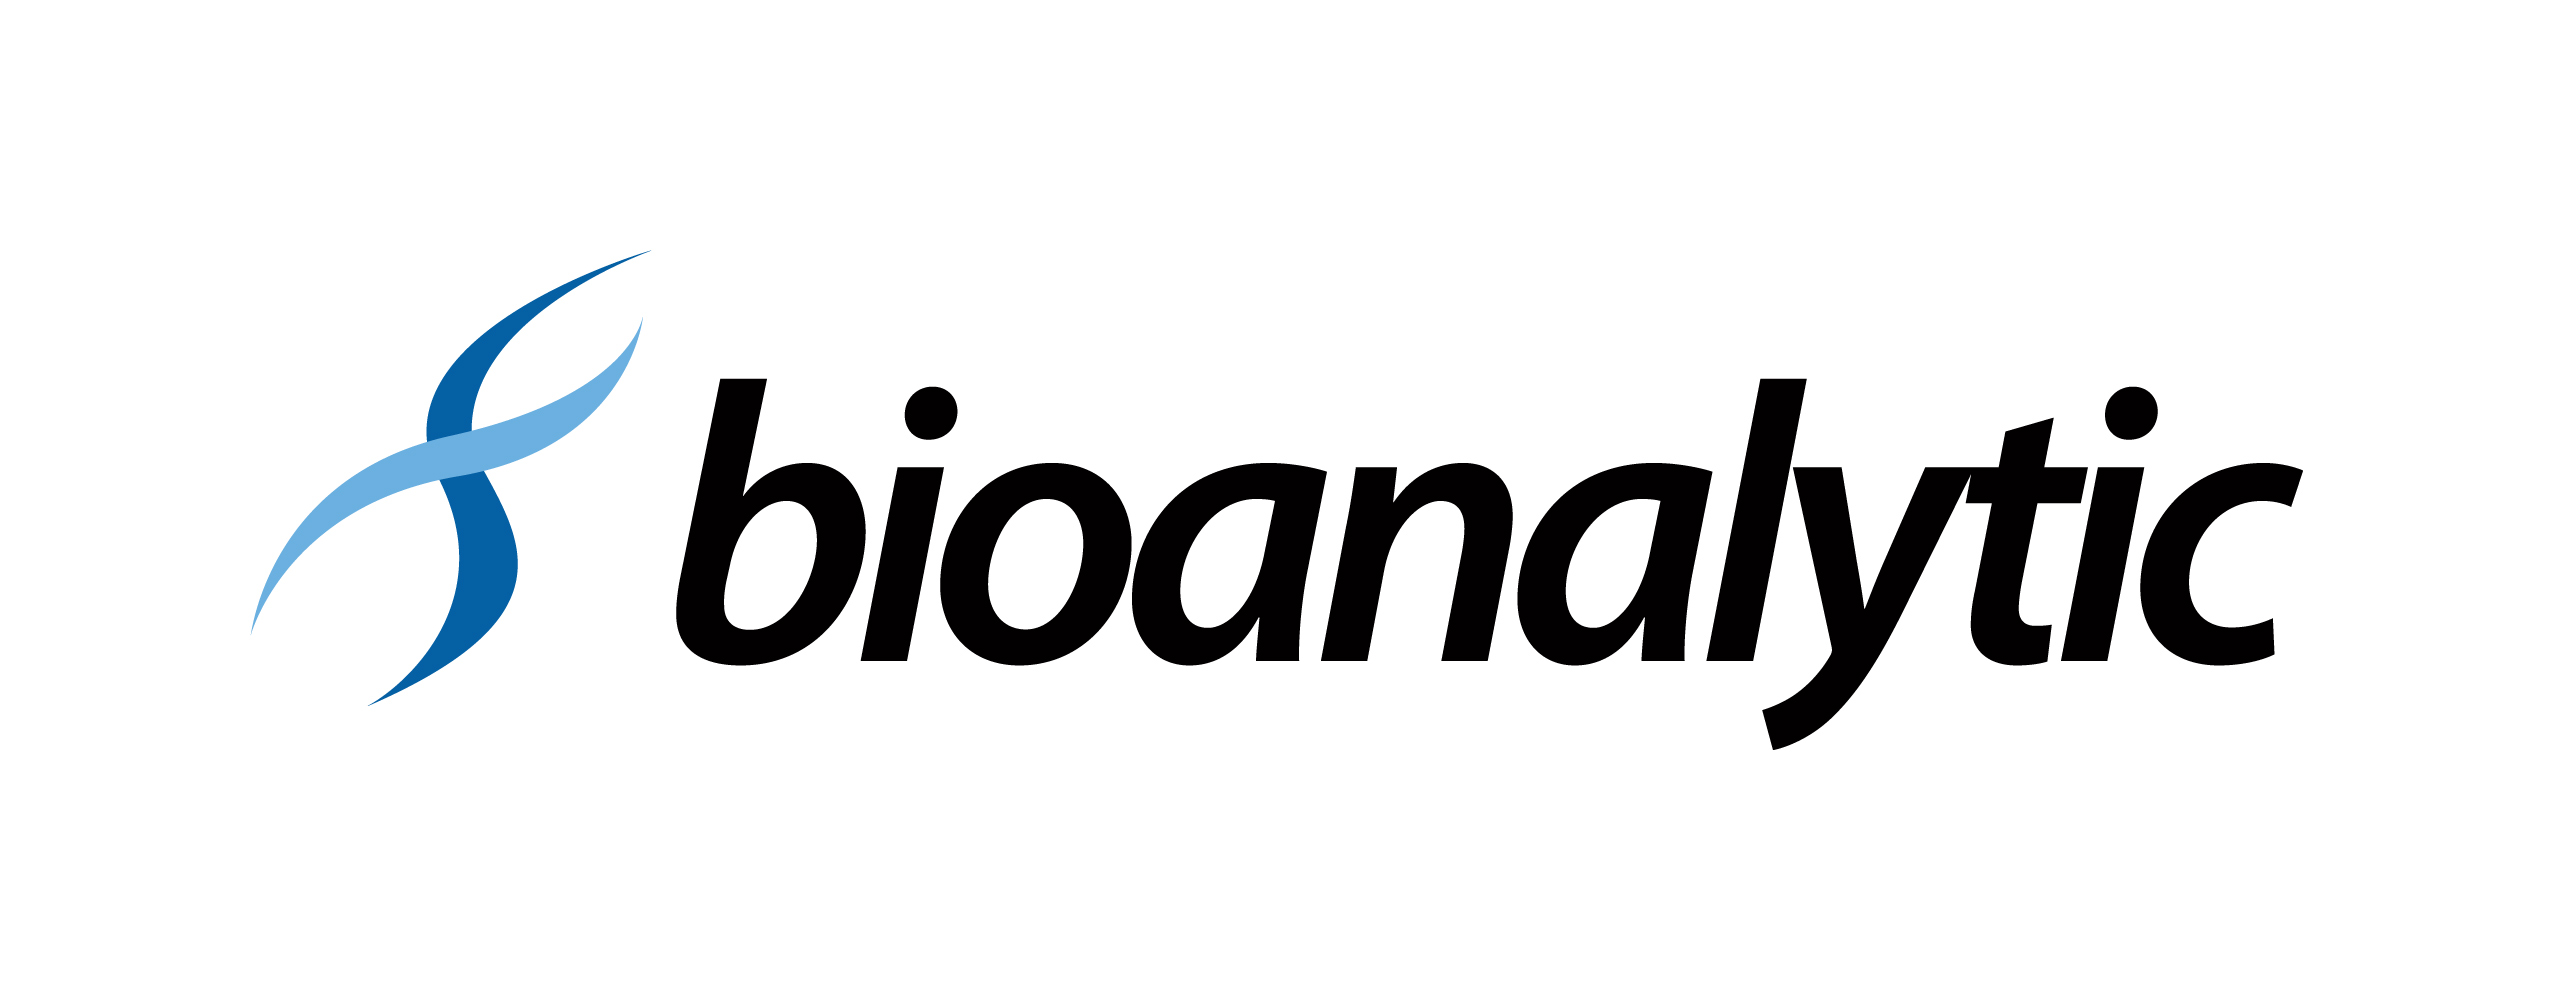 bioanalytic